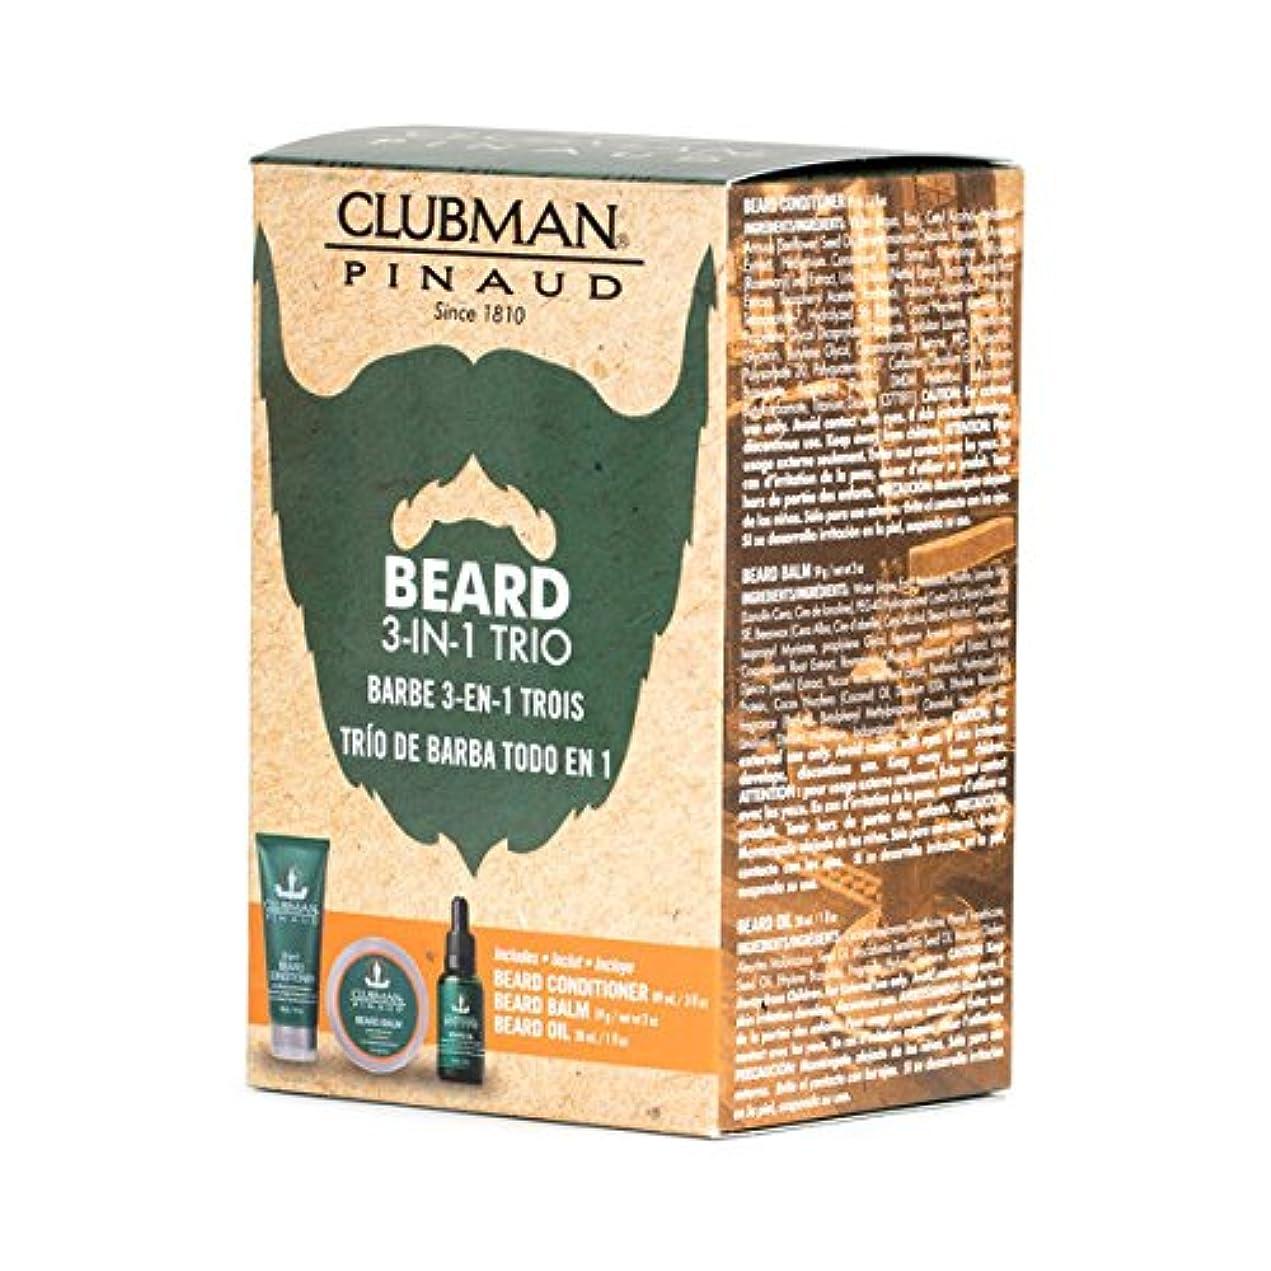 ソファー菊戻す(3 Pack) CLUBMAN Beard 3 in 1 Trio - Beard Balm, Oil and 2 in 1 Conditioner (並行輸入品)